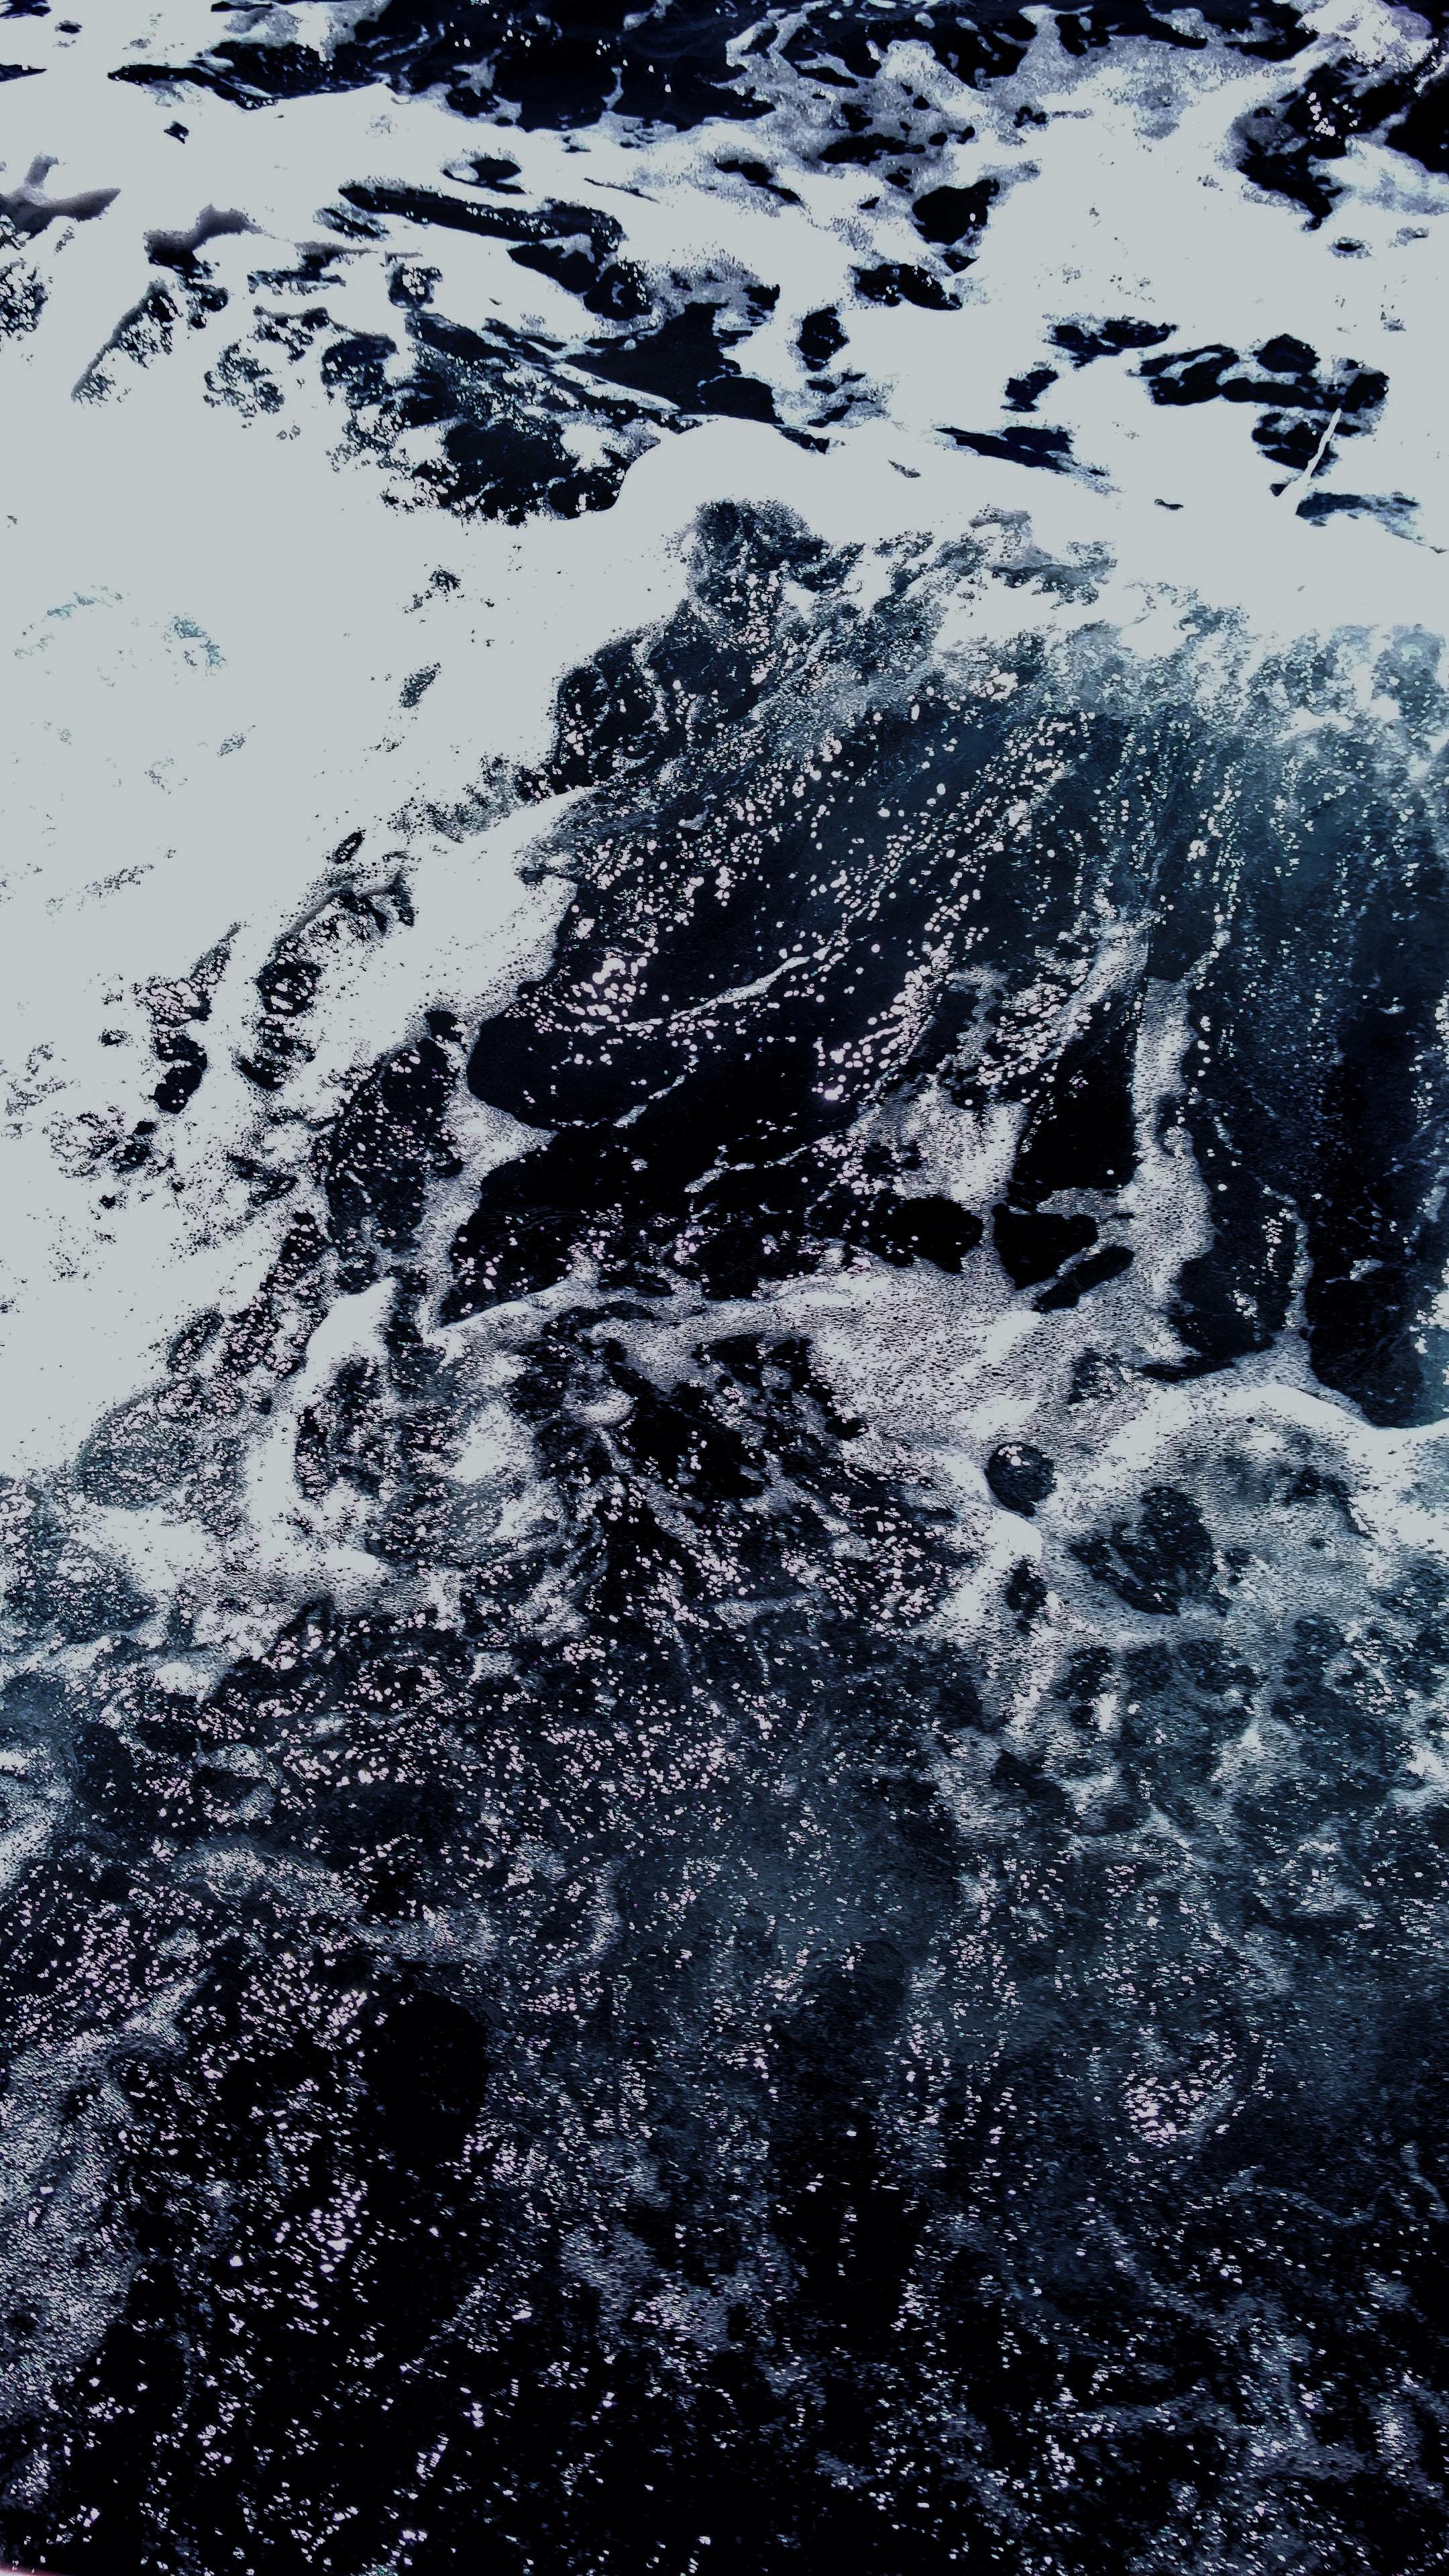 Foam on rough water waver on an ocean shoreline